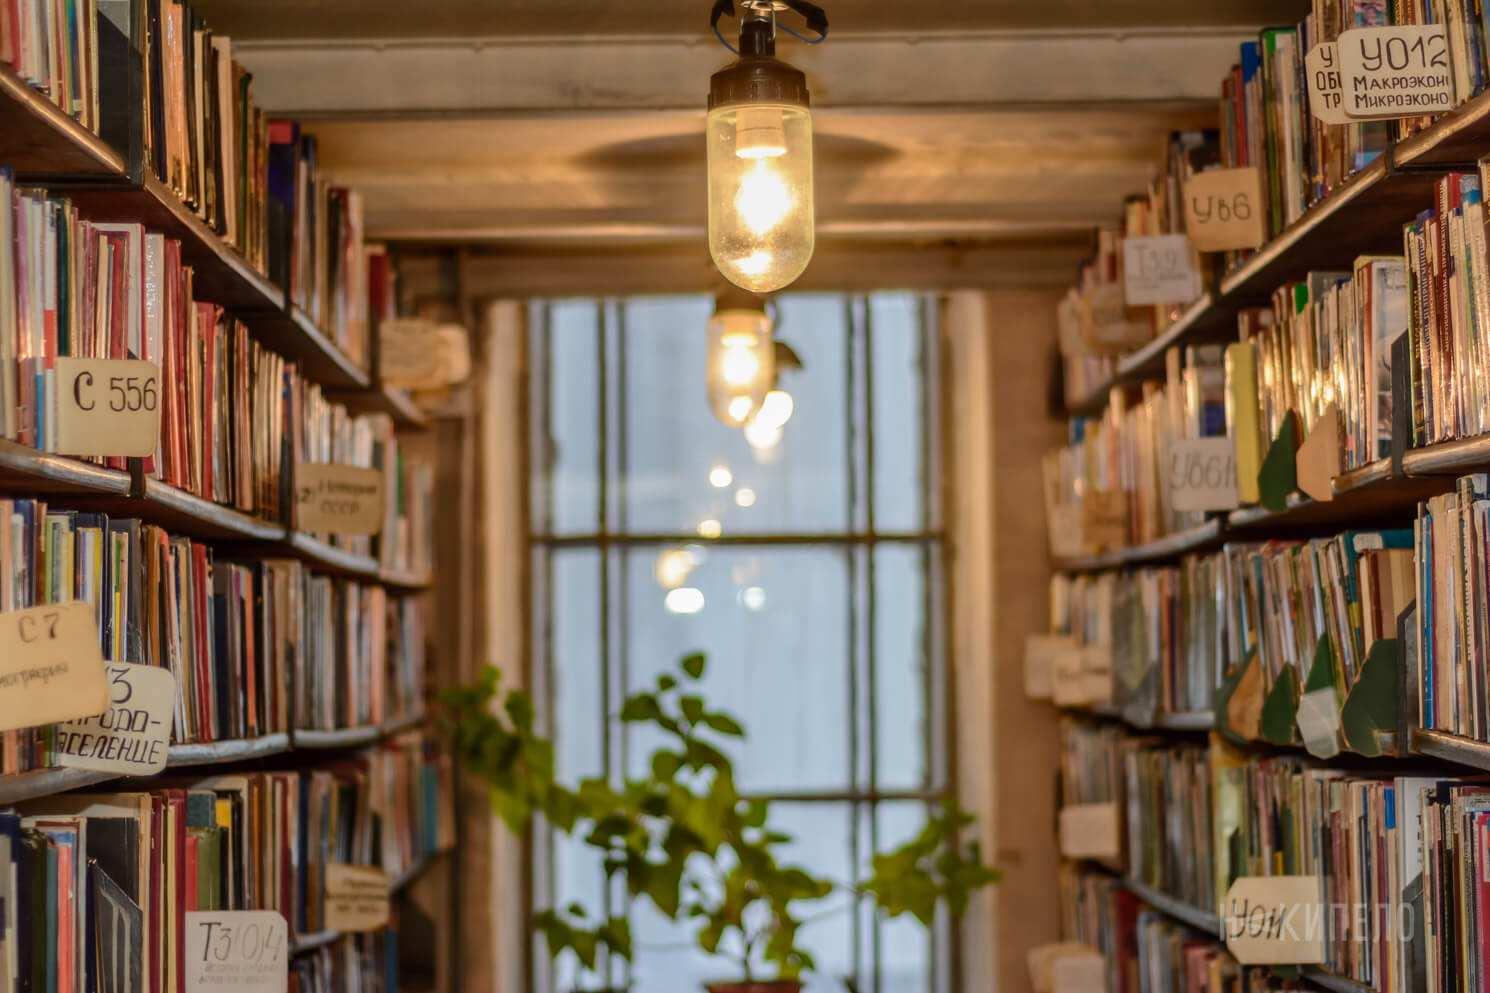 библиотека короленко харьков книги стелаж хранилище чтение учеба библиотекарь читальный зал читальня картотека